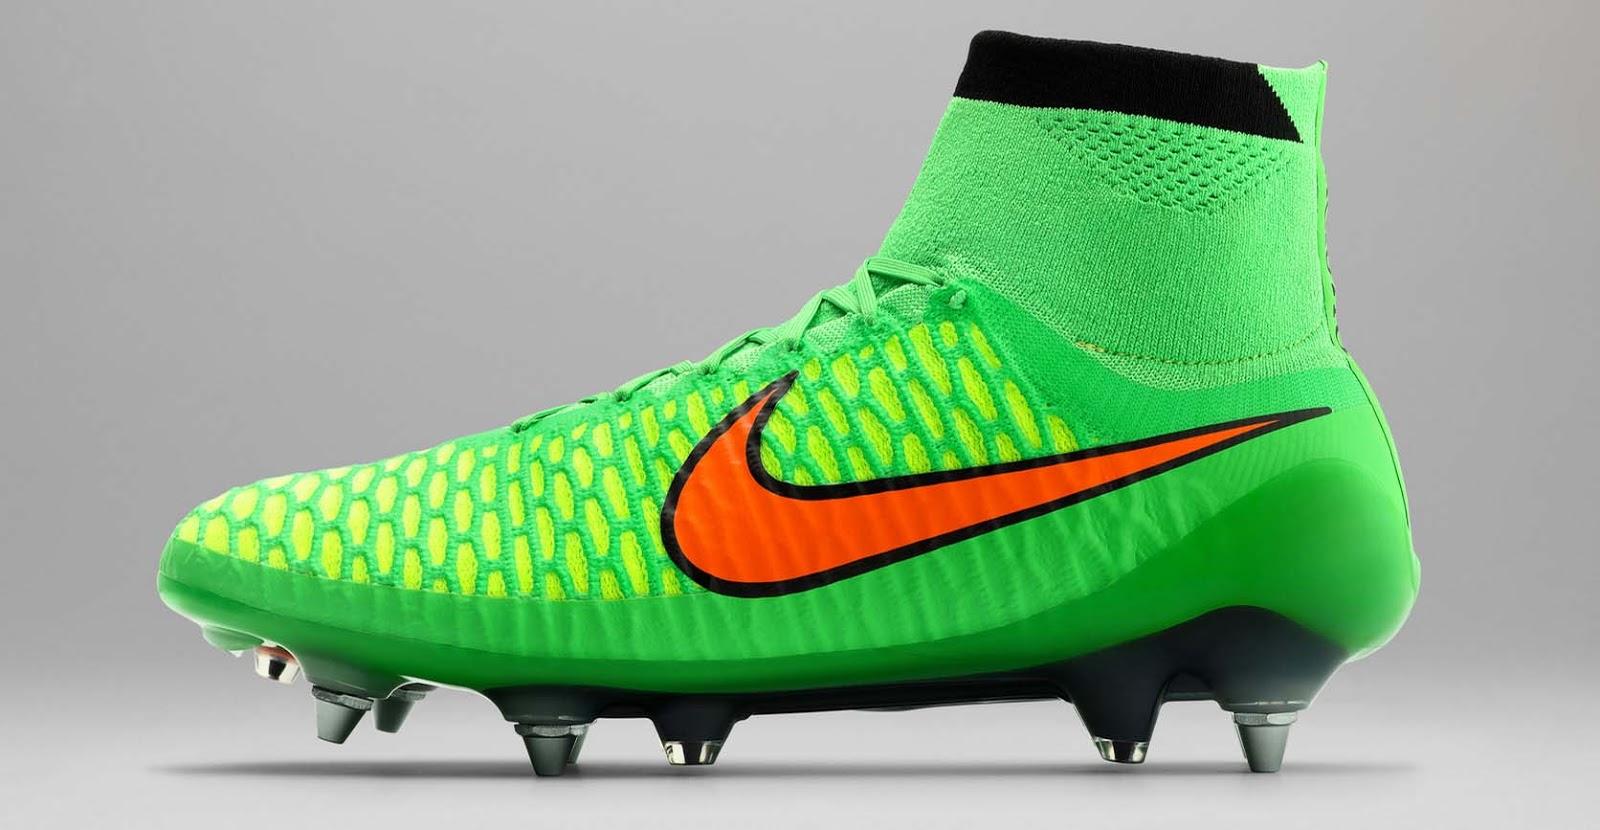 Oblongo activación Estúpido  botines de futbol nike 2015 - Tienda Online de Zapatos, Ropa y Complementos  de marca